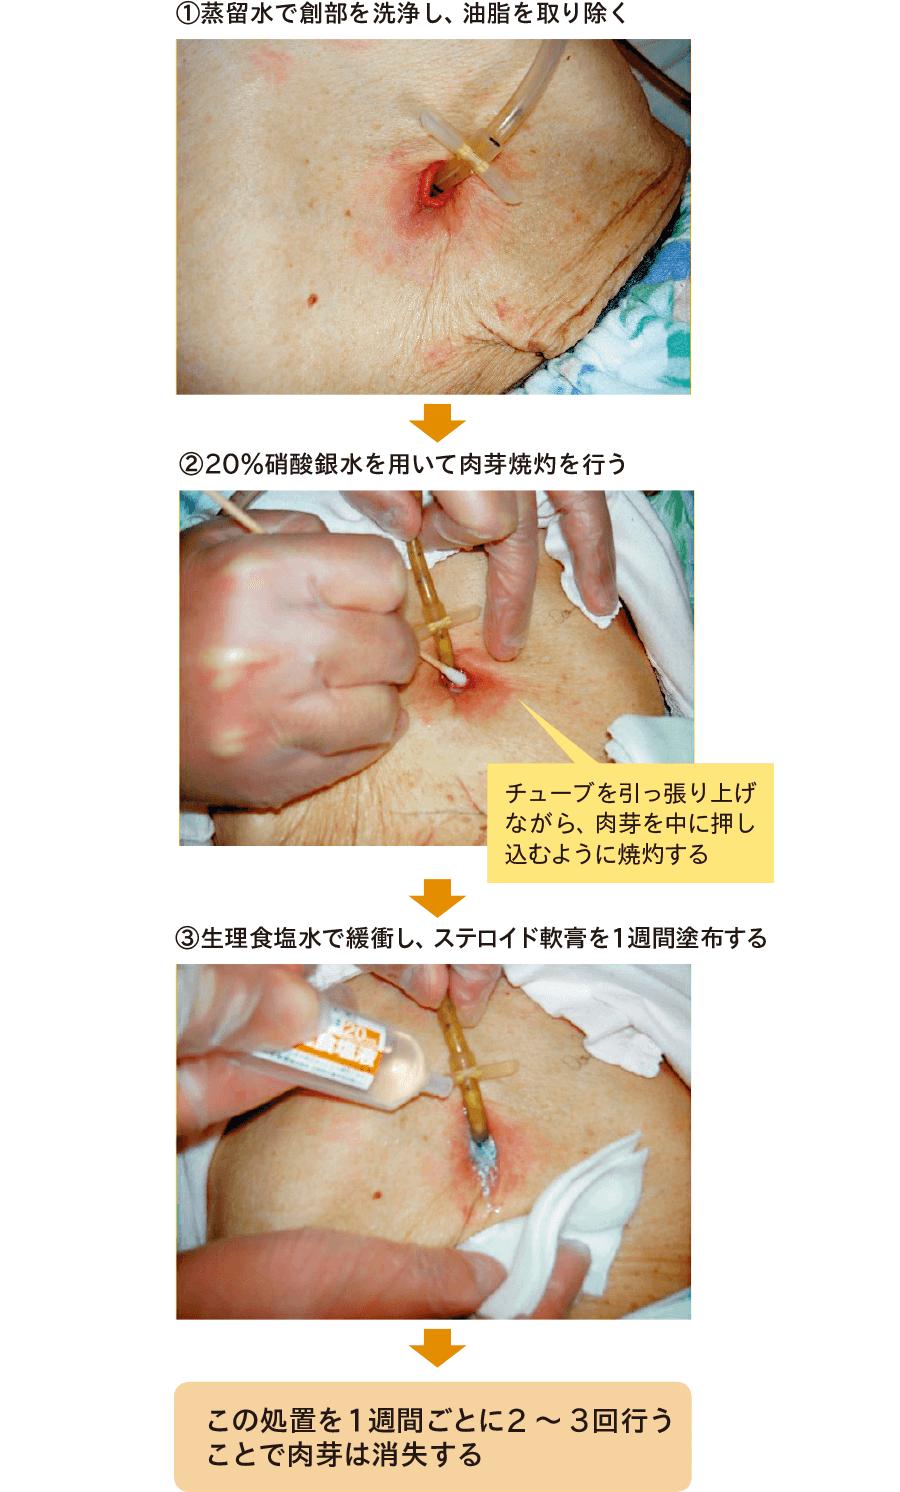 滲出液を伴う易出血性の肉芽の焼灼治療